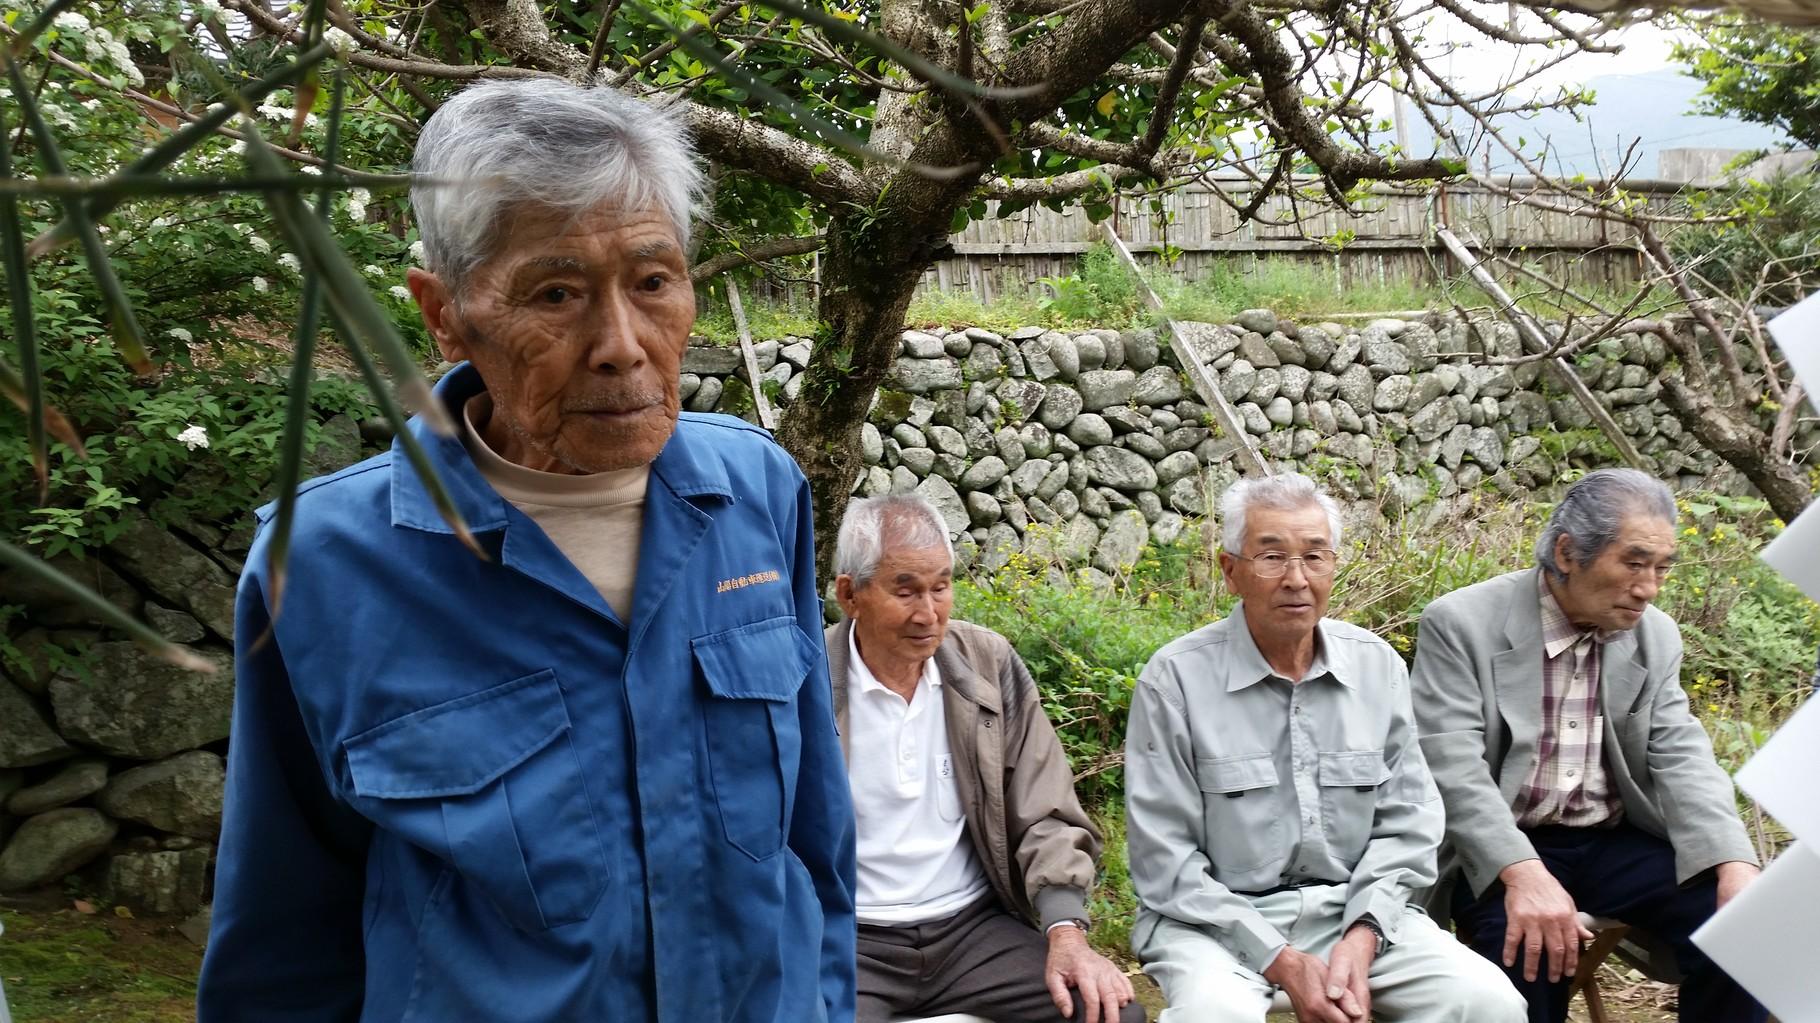 下ってから牧山を守る「永田家」の氏神祭。長老達に囲まれ緊張感が高まります。